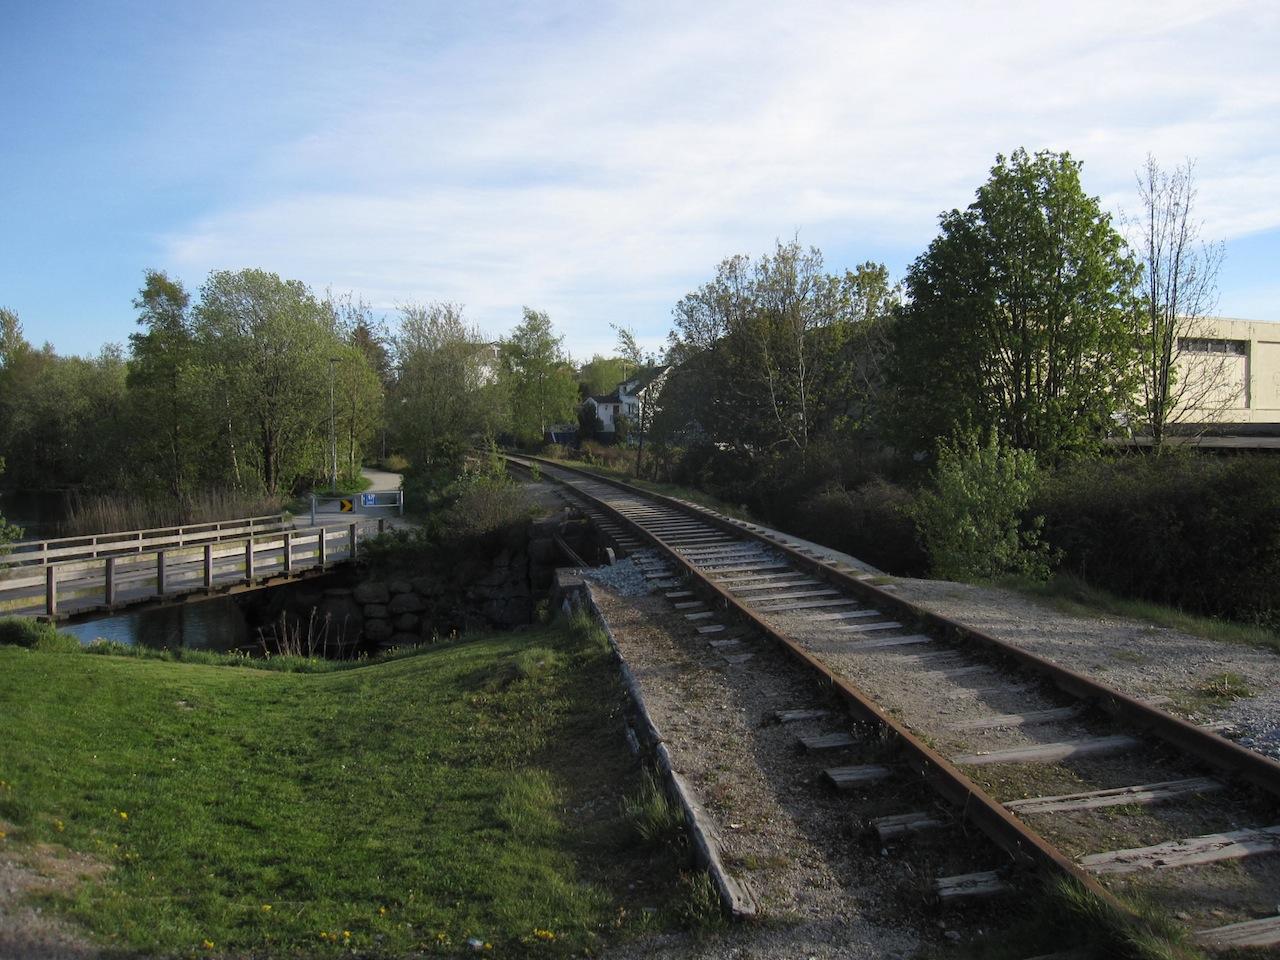 Turveg - På siden av eller på jernbanen?